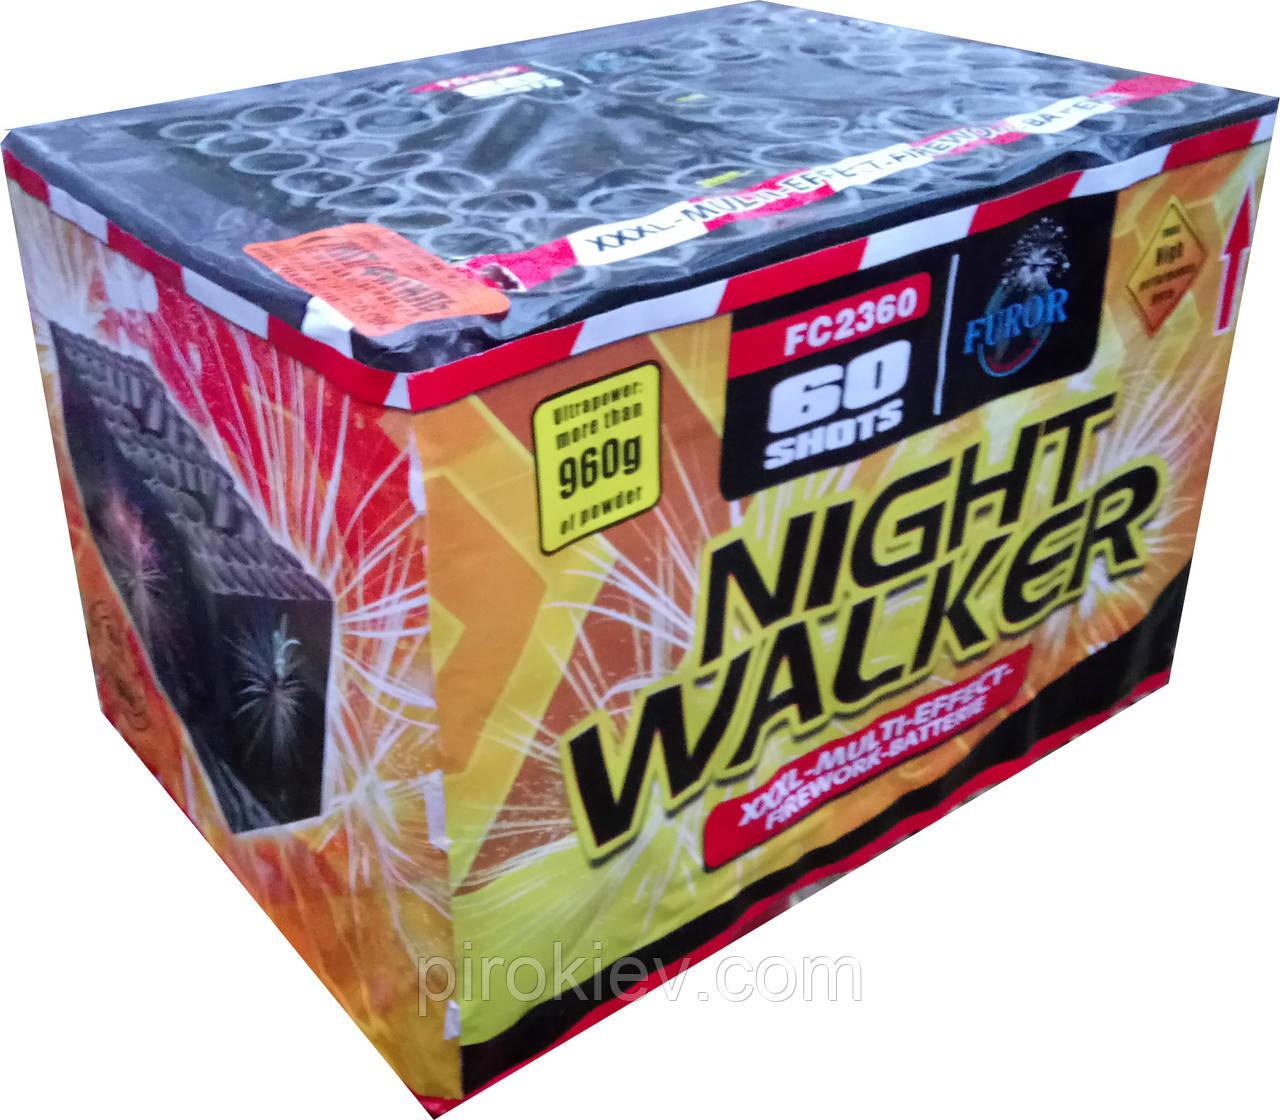 Салют NIGHT WALKER FC2360 (60 выстрелов 25-30 мм.)